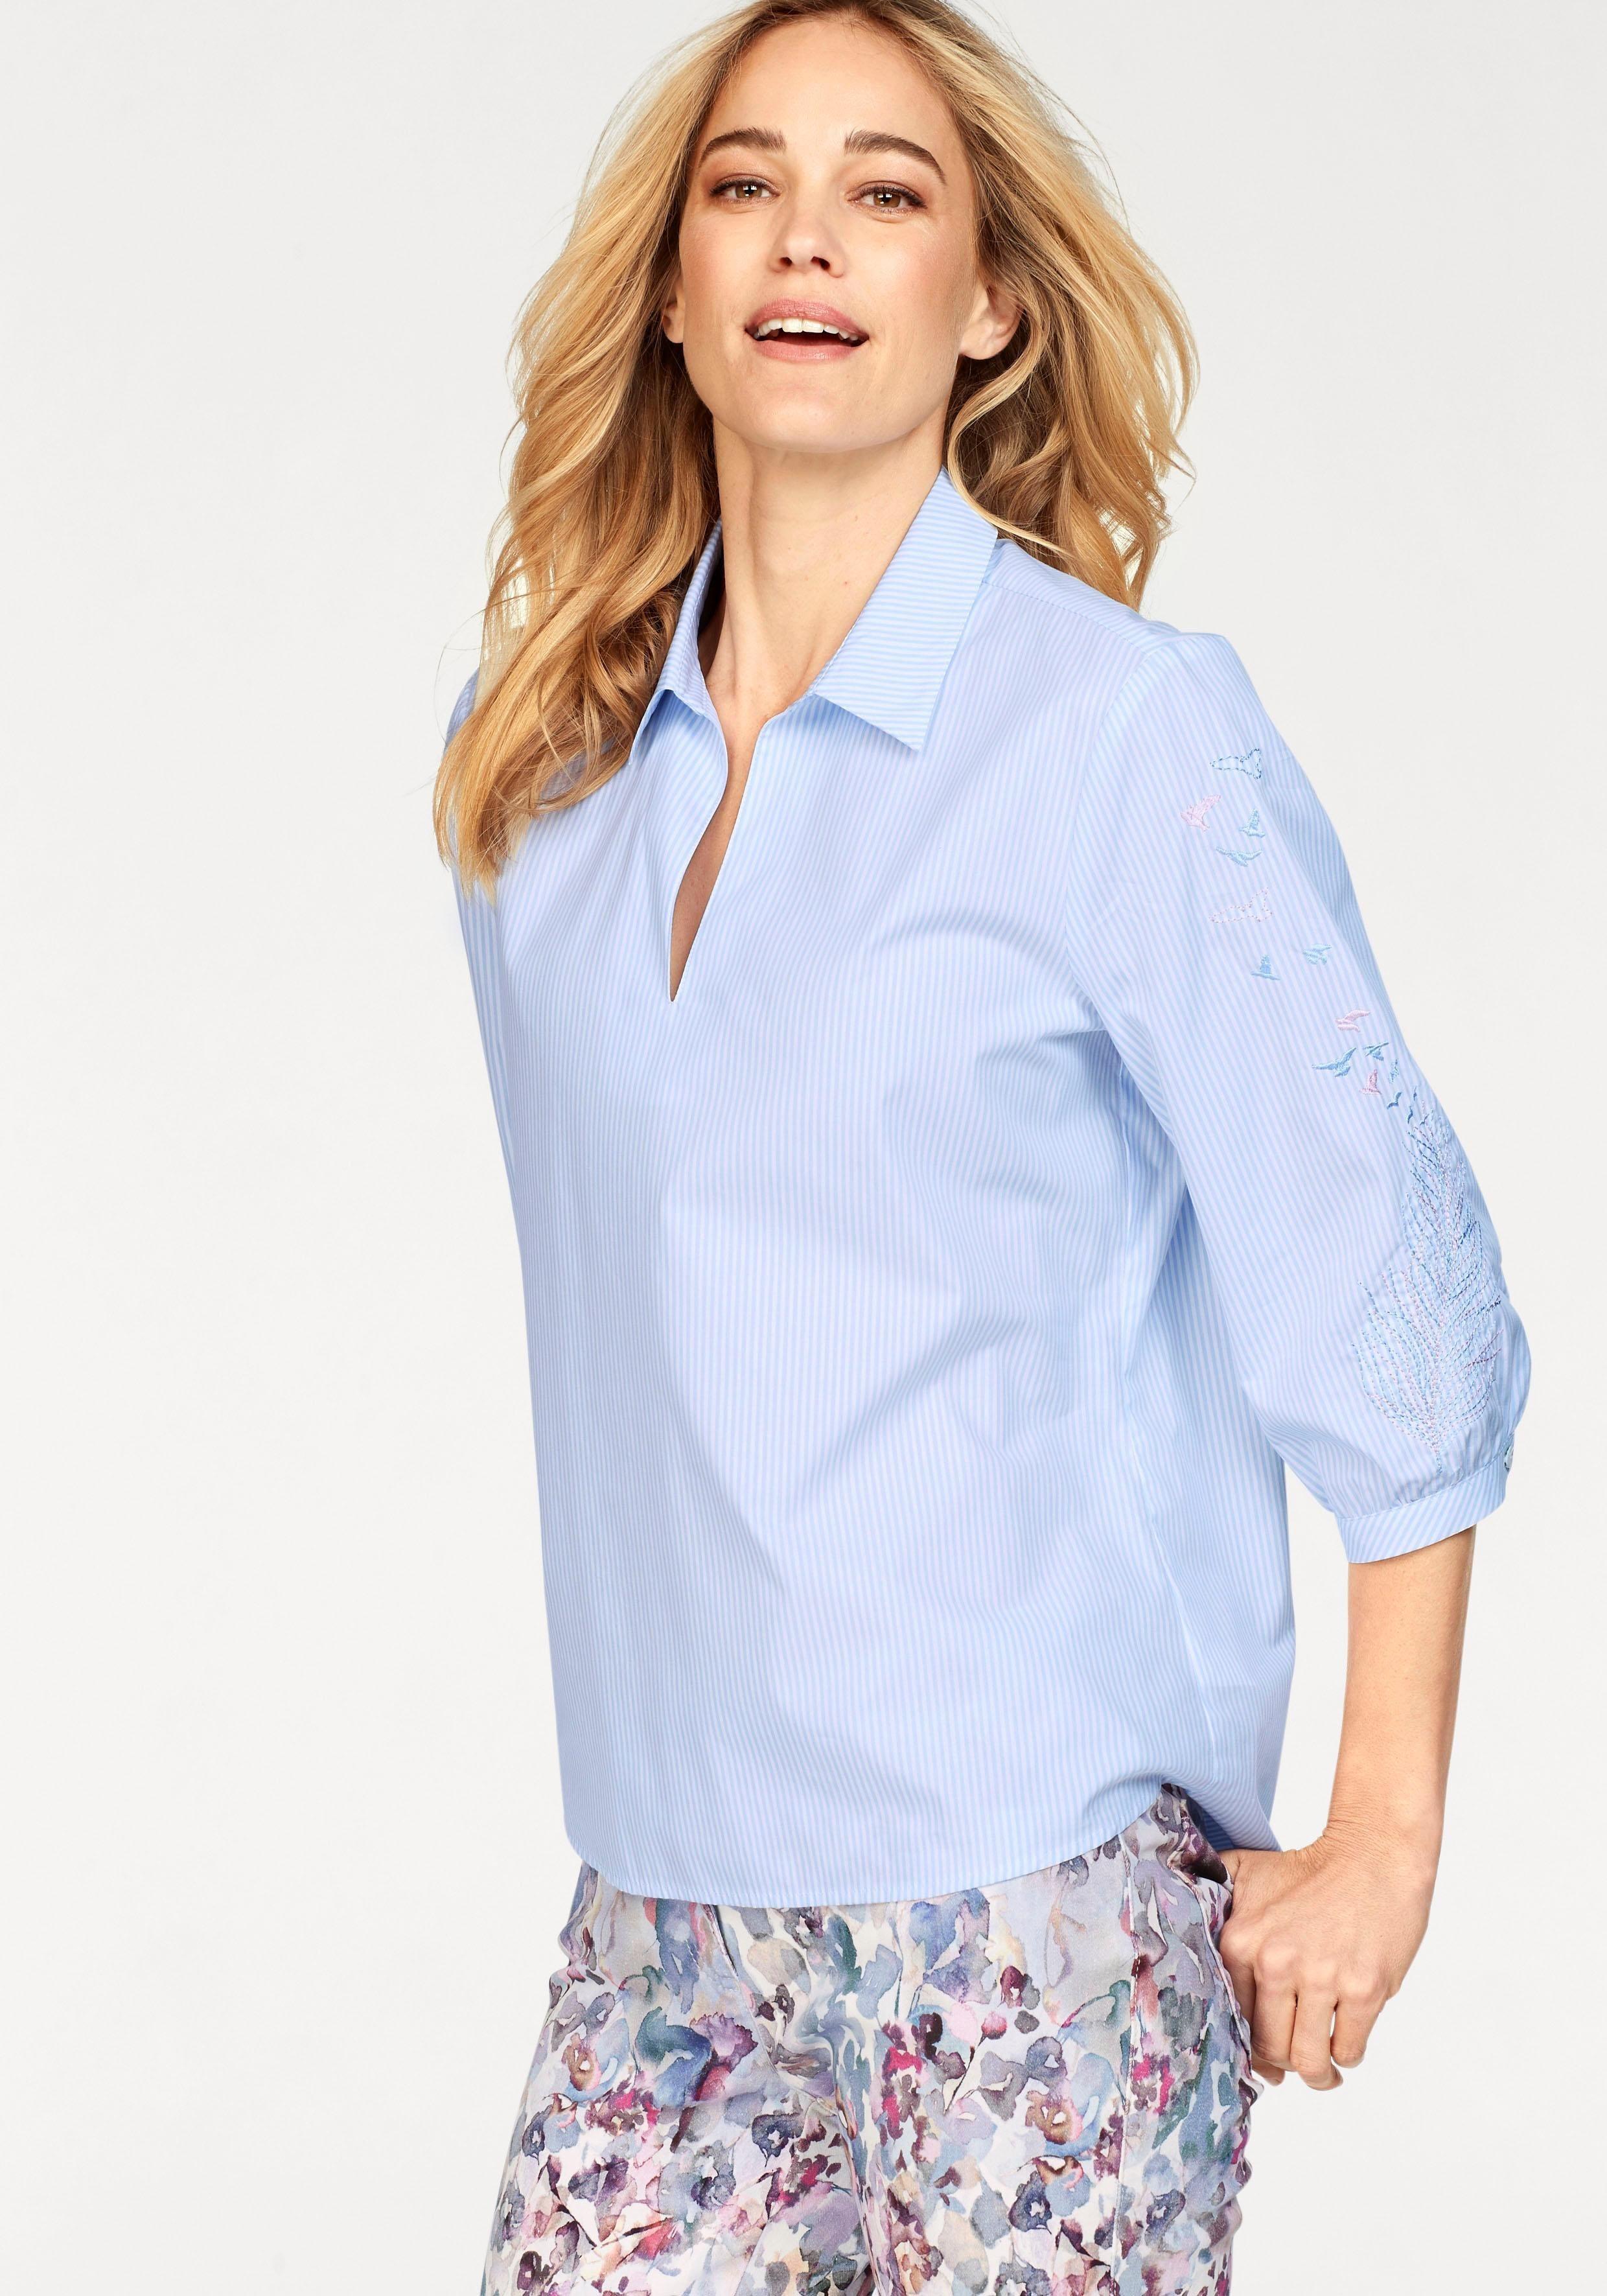 TONI Schlupfbluse, Tunika mit Hemdblusenkragen, kleinem V-Ausschnitt und Stickerei | Bekleidung > Tuniken > Sonstige Tuniken | TONI